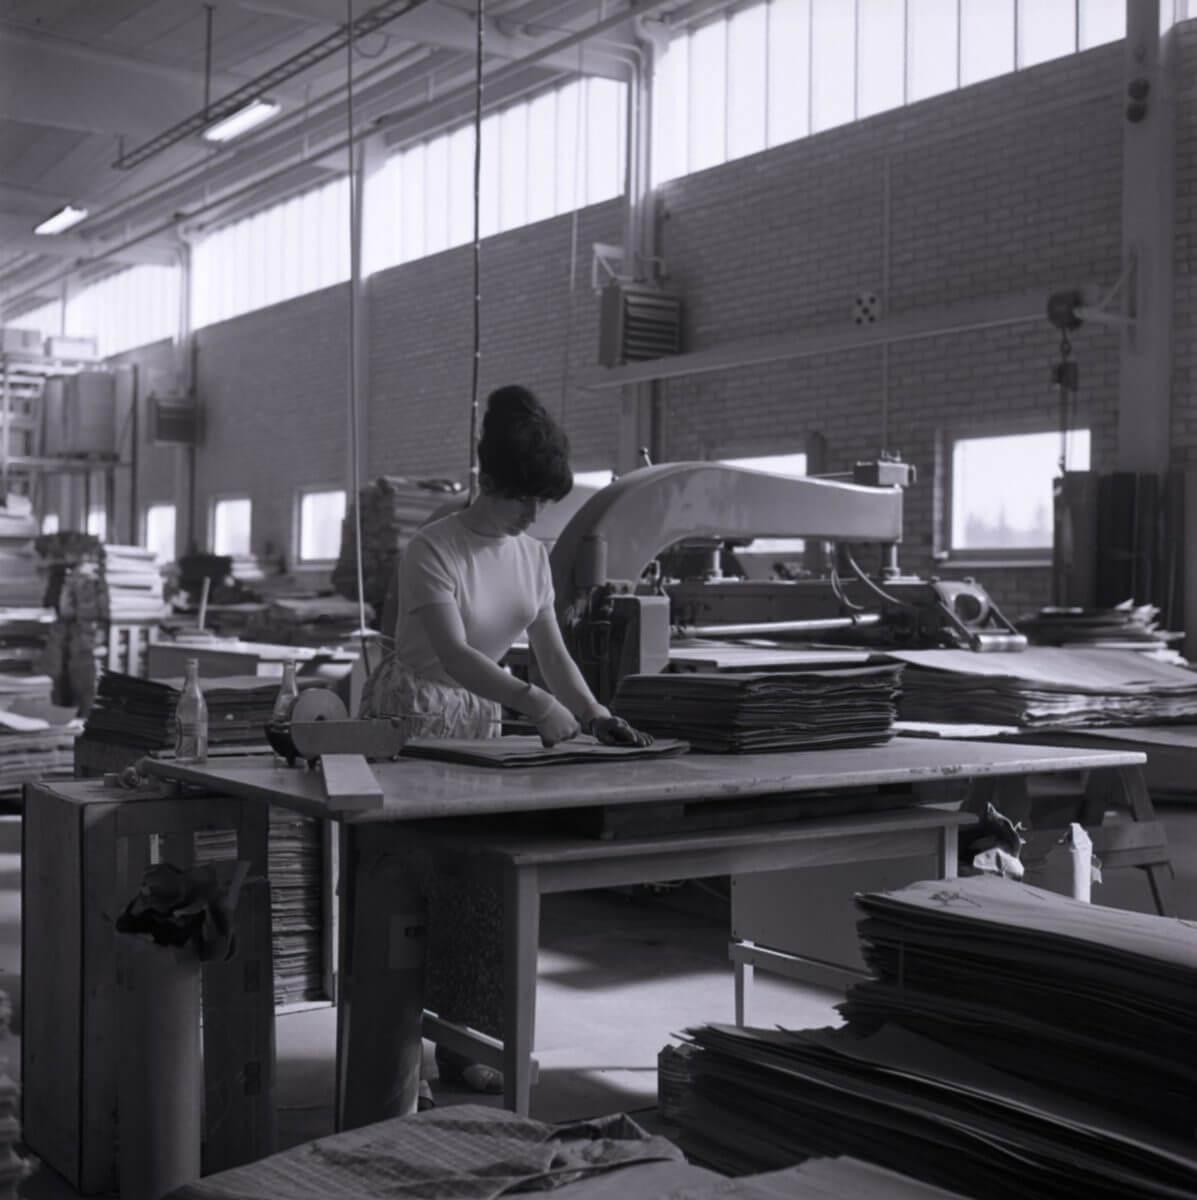 En kvinna arbetar i en träindustrilokal.